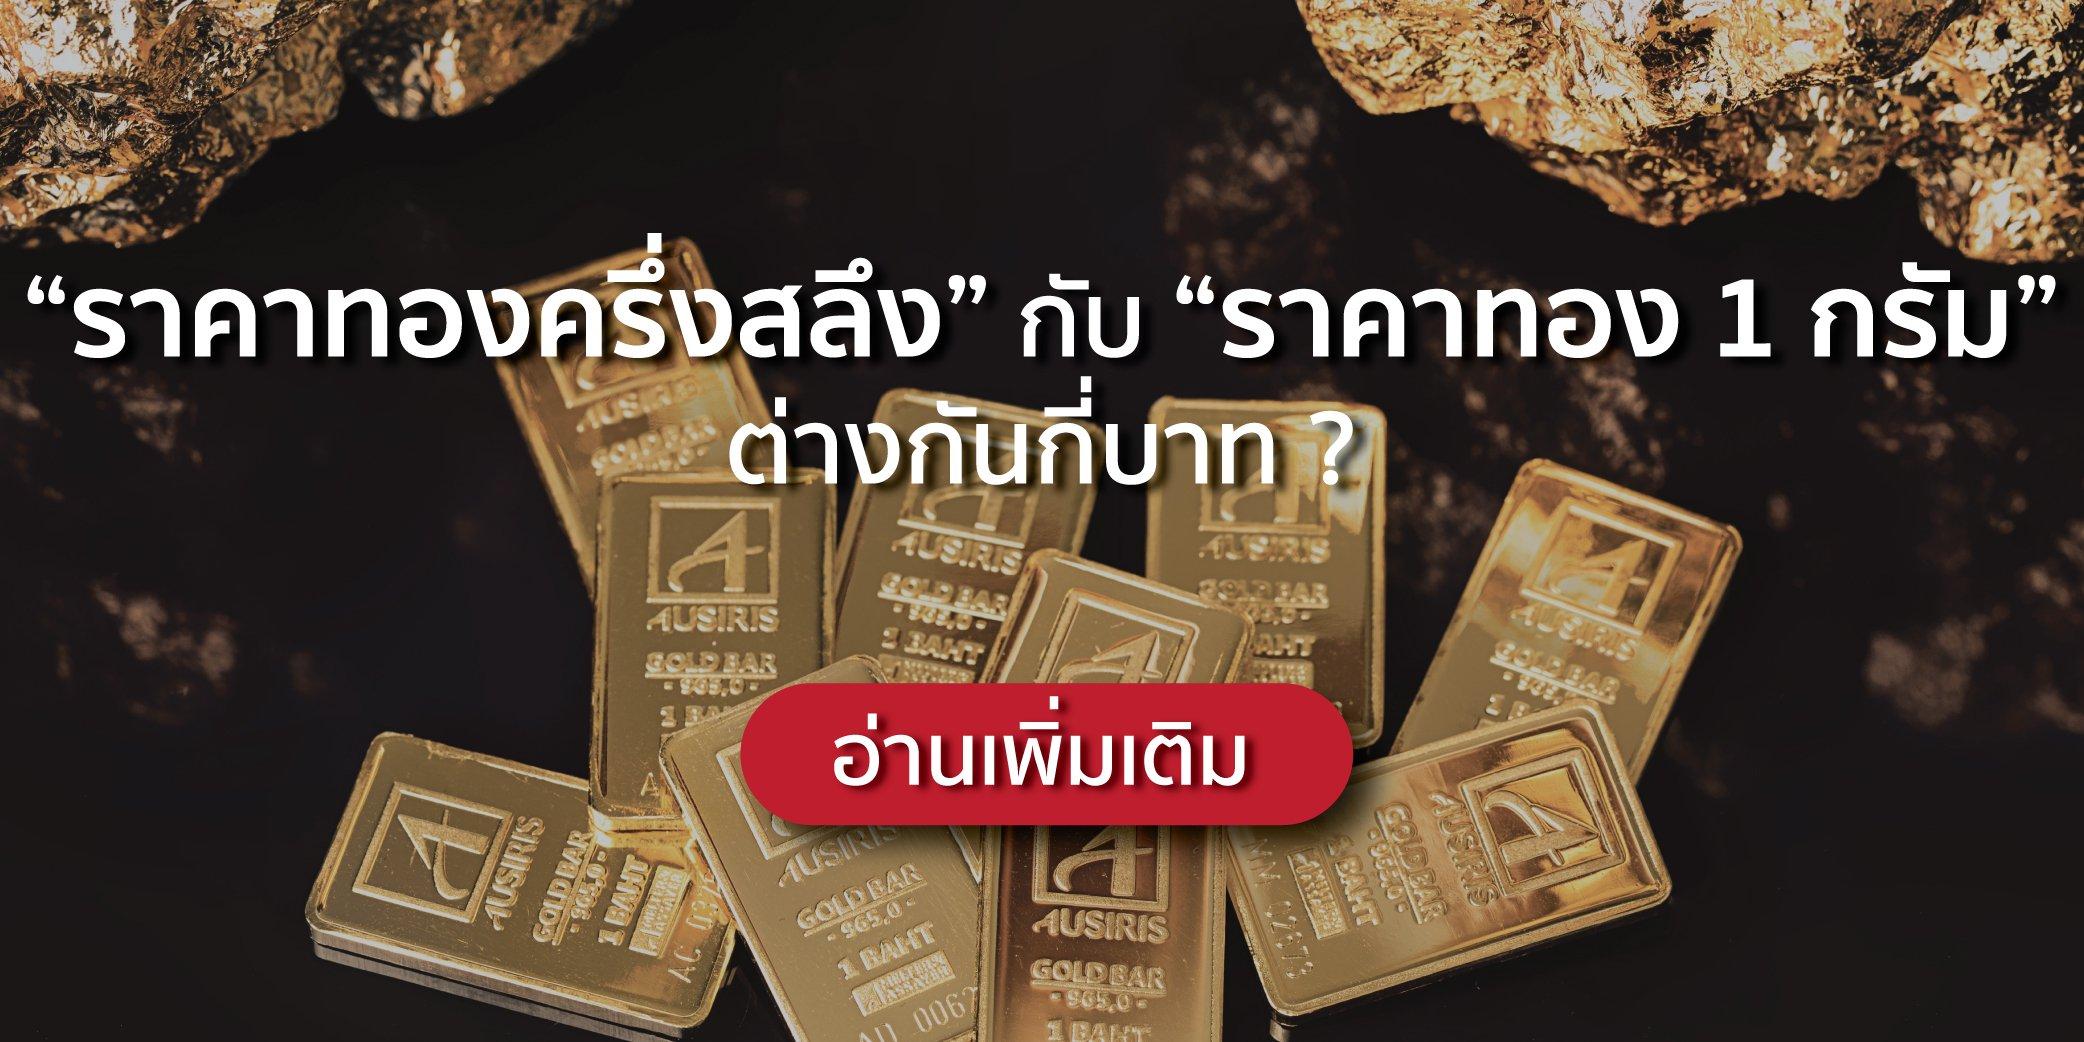 ทองครึ่งสลึง,ทอง1กรัม,ราคาทอง,ทองคำแท่ง,ทองรูปพรรณ,ซื้อทอง,ขายทอง,จำนำทอง,ลงทุนทองคำ,ออมทอง,น้ำหนักทอง,หน่วยน้ำหนักทอง,เปอร์เซ็นต์ทอง,ทอง96.5%,ทอง99.99 %,สลึง,บาท,สตางค์,ออนซ์,กรัม